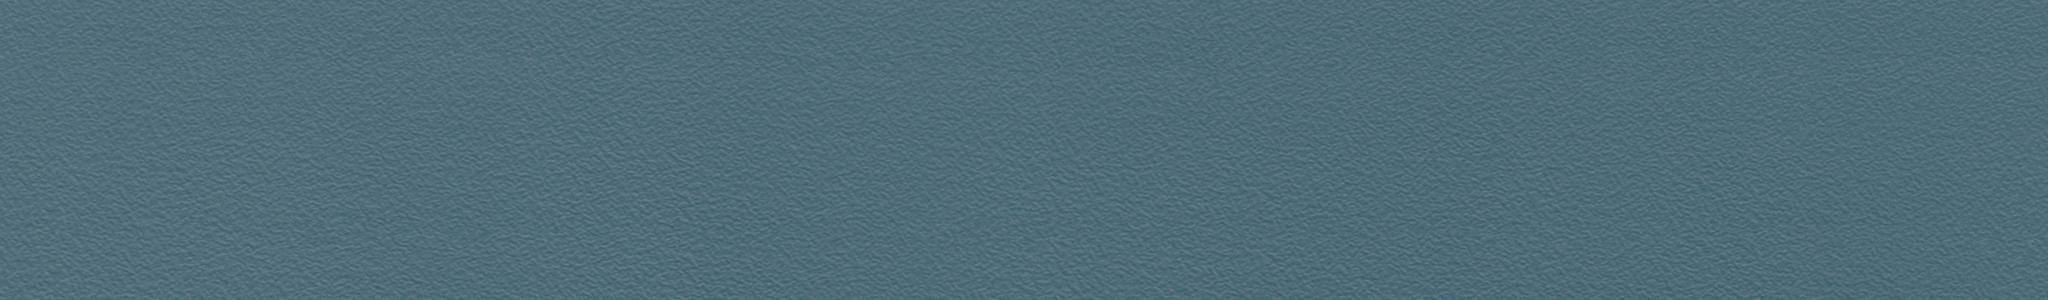 HU 158006 ABS Bleu Skagerrak perle XG